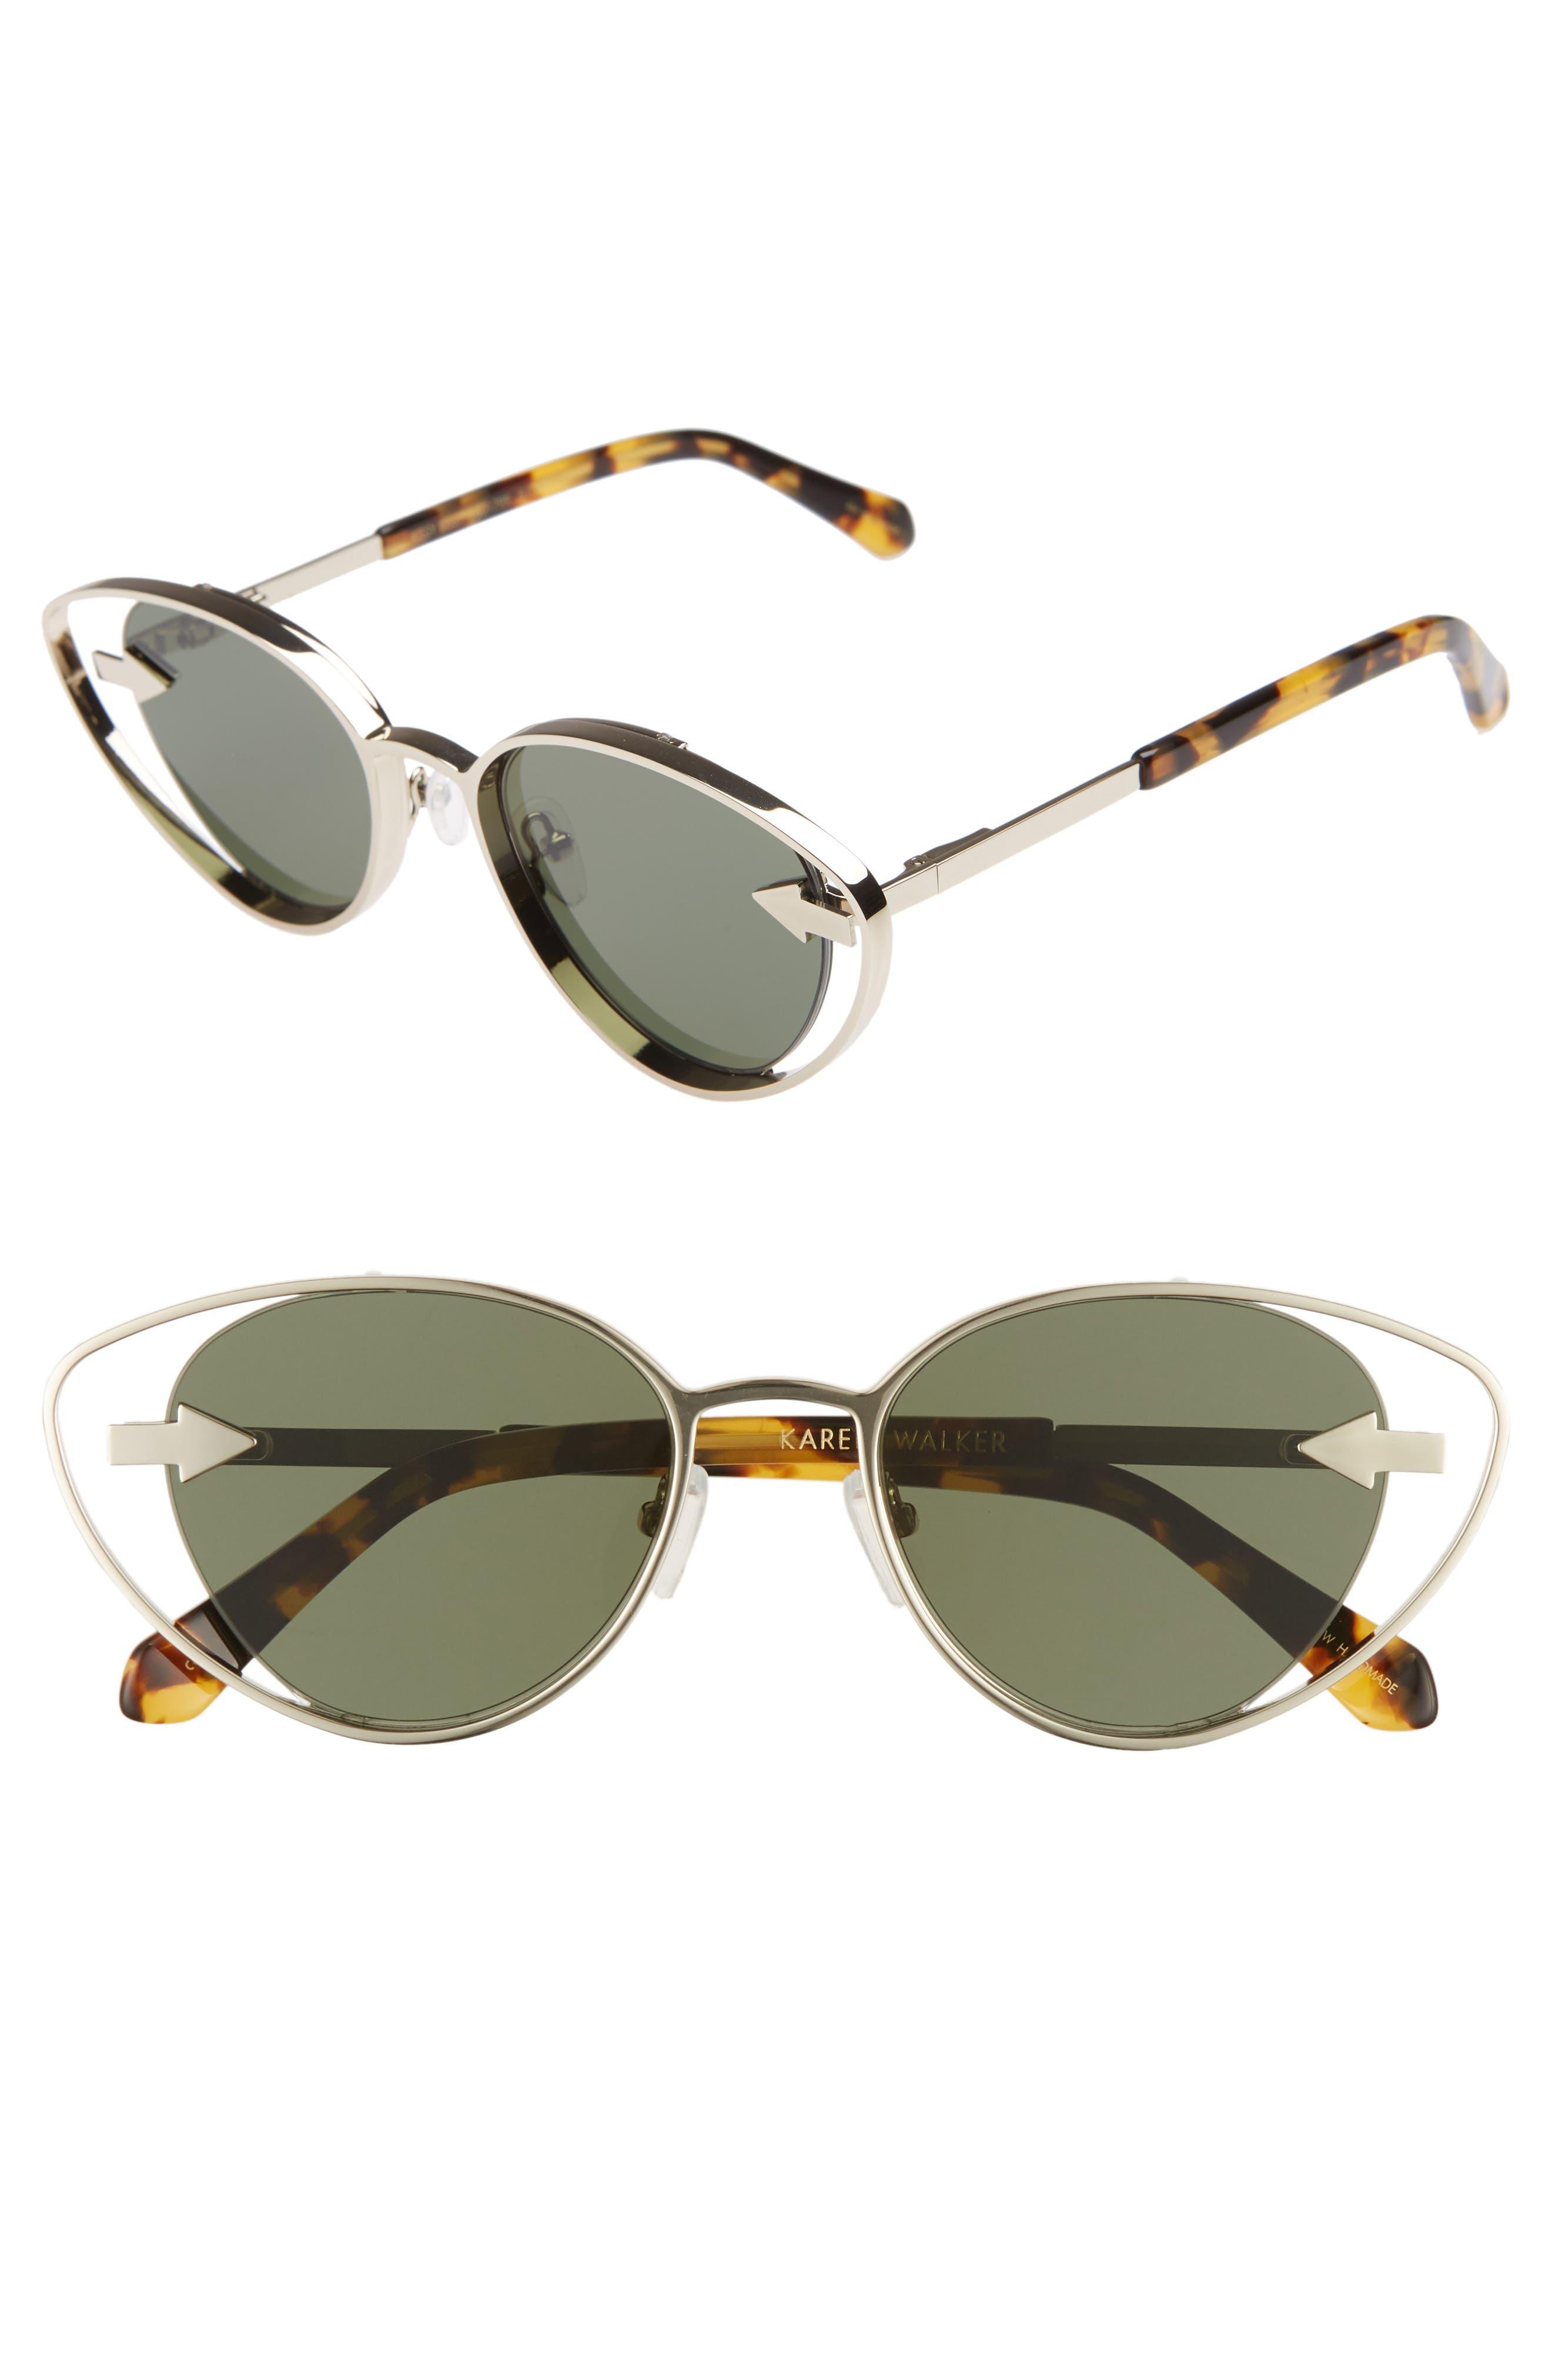 Kissy Kissy 51mm Cat Eye Sunglasses,                         Main,                         color, GOLD/ TORTOISE